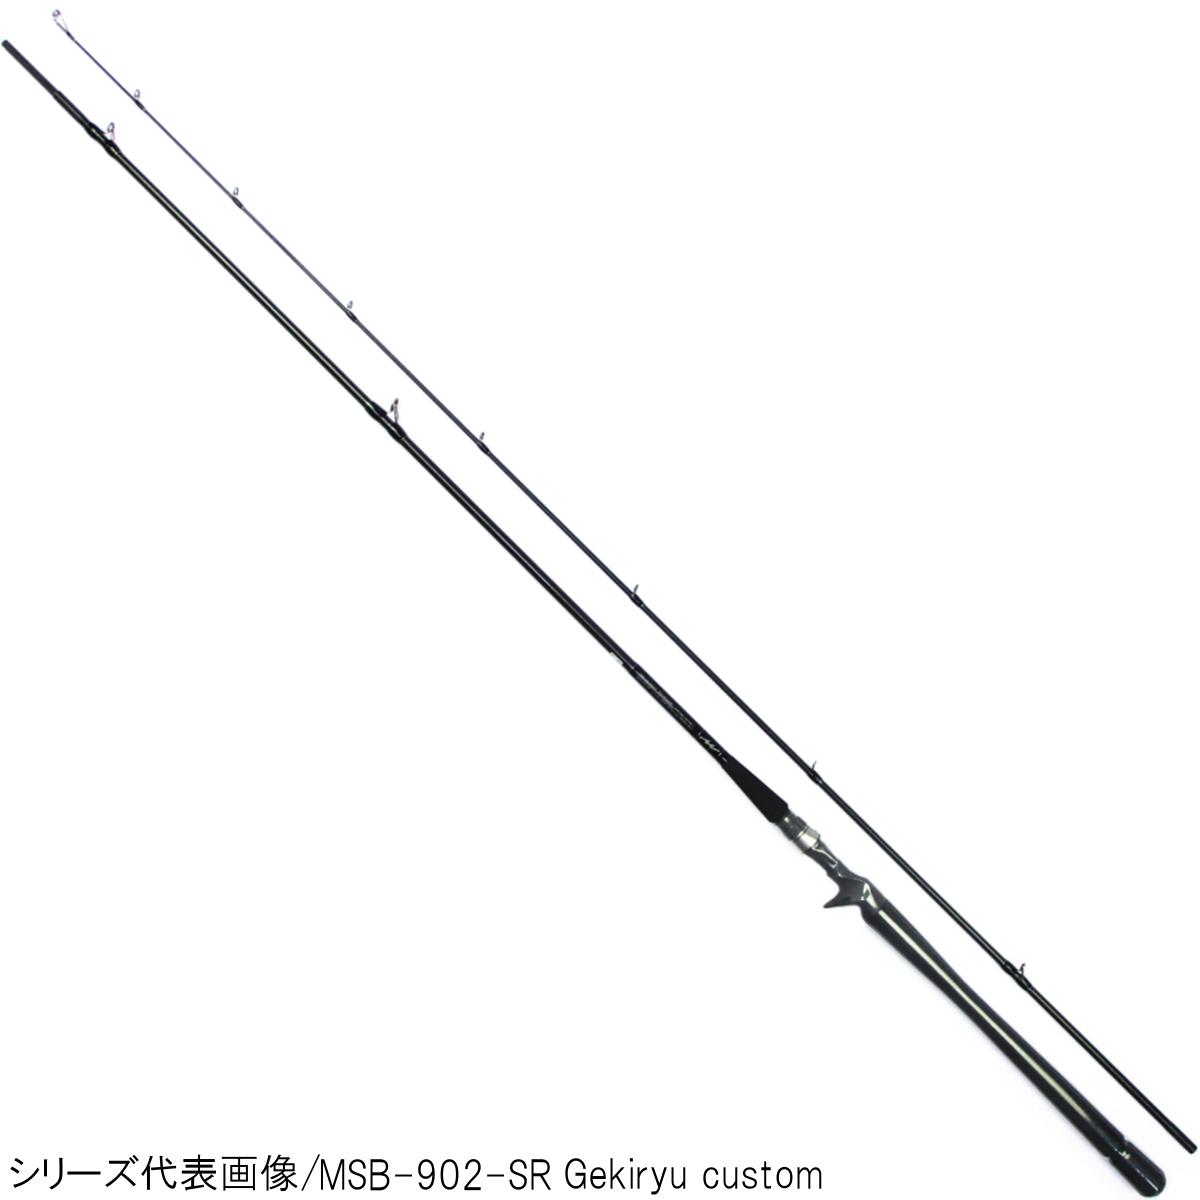 ジークラフト SEVEN-SENSE SR MONSTER JETTY MJB-1022-SR Day custom【大型商品】【送料無料】